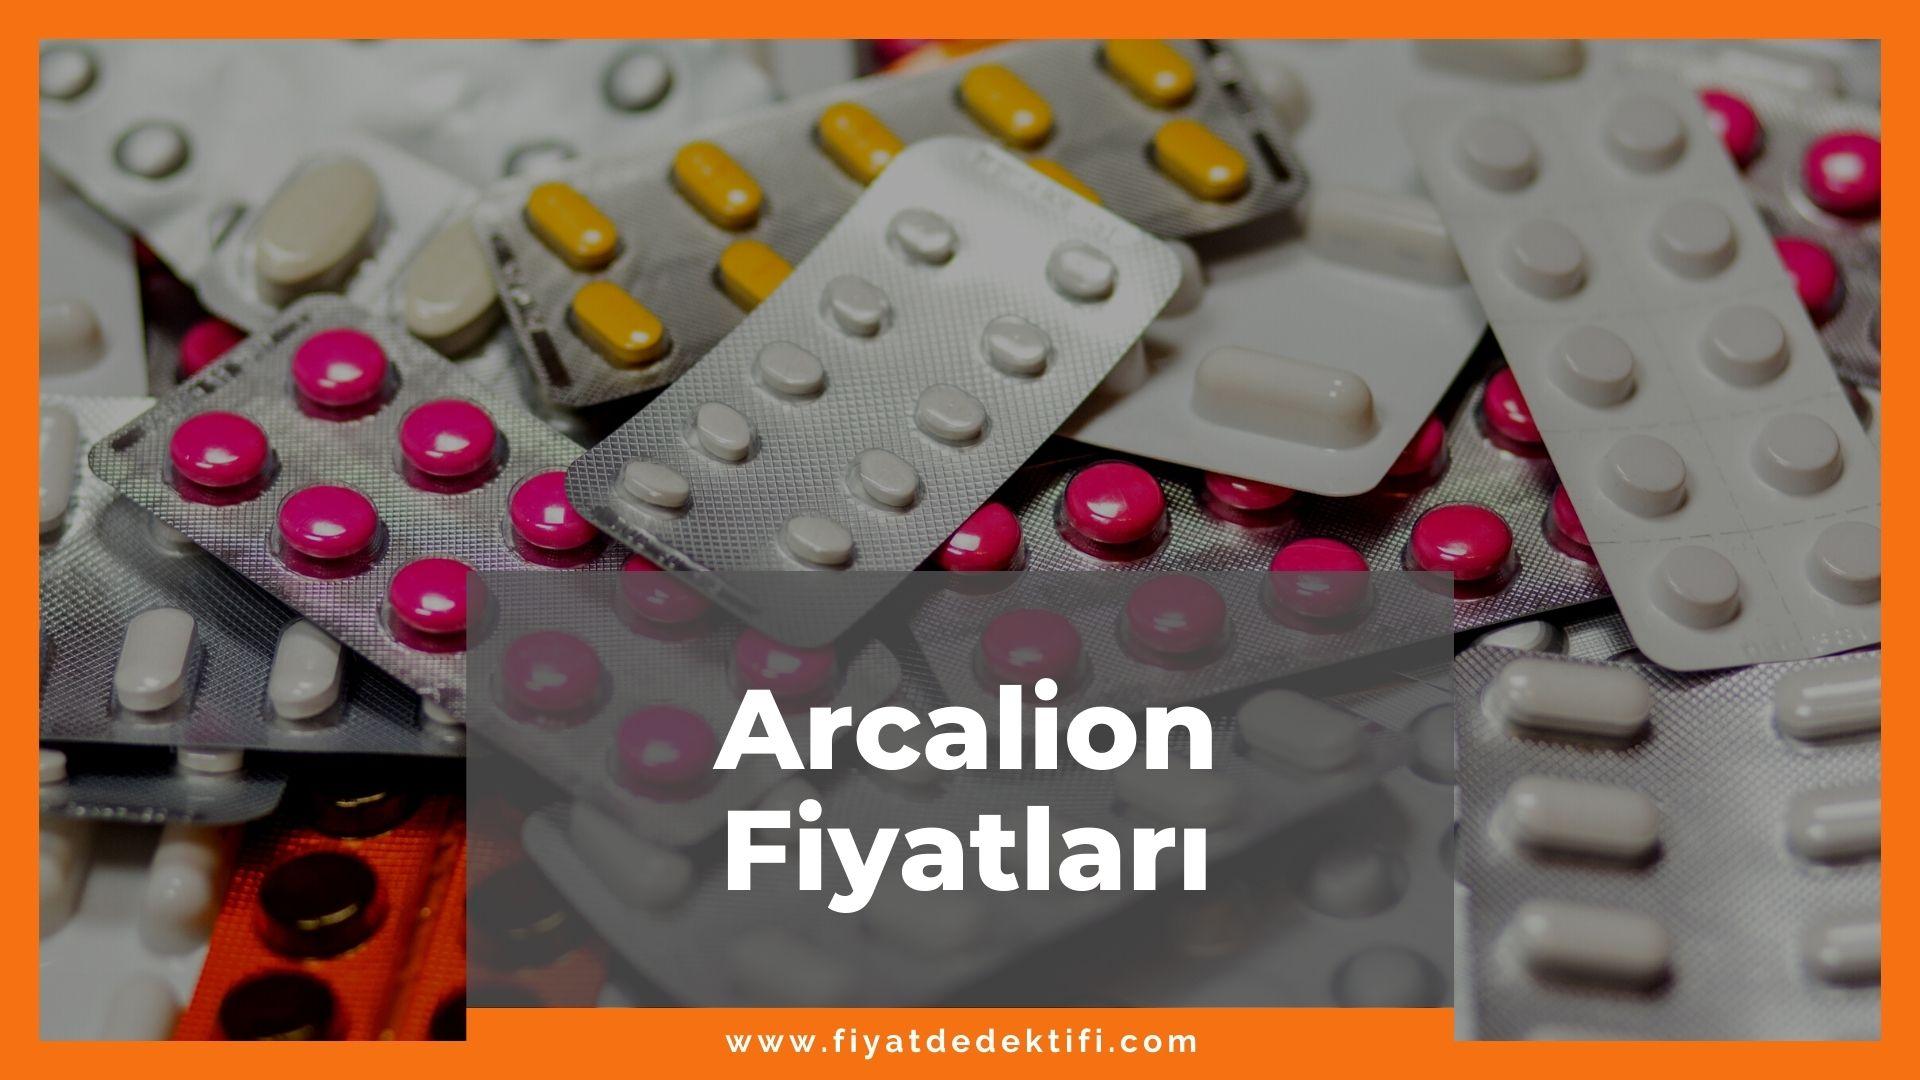 Arcalion Fiyat 2021, Arcalion Fiyatı, Arcalion 200 mg Fiyatı, arcalion zamlandı mı, arcalion zamlı fiyatı ne kadar kaç tl oldu